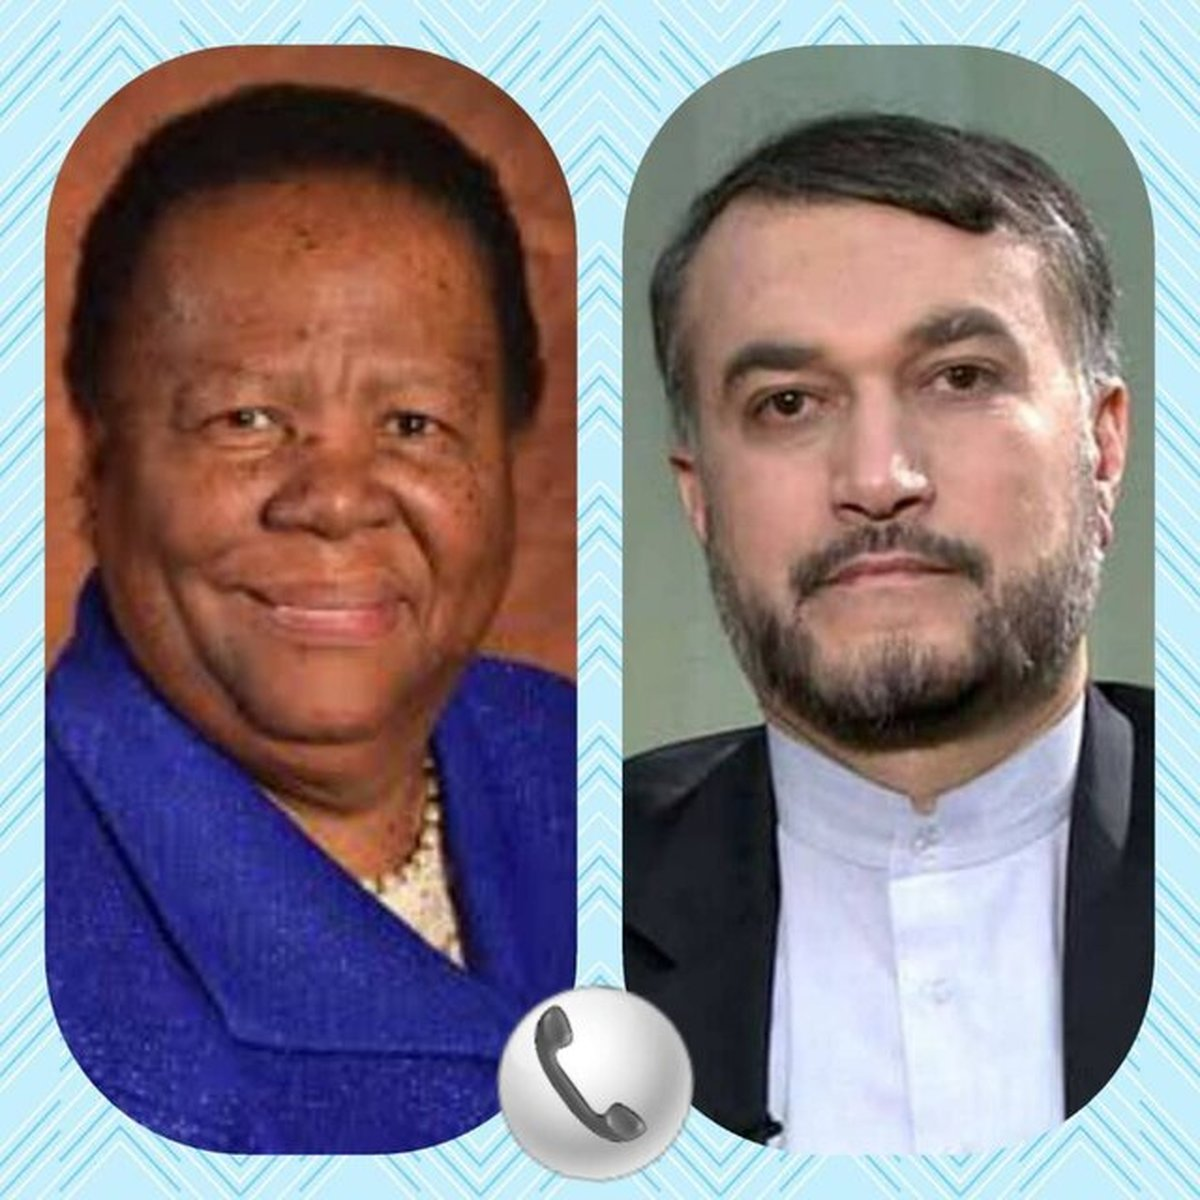 تاکید وزرای خارجه ایران و آفریقای جنوبی بر گسترش روابط دوجانبه